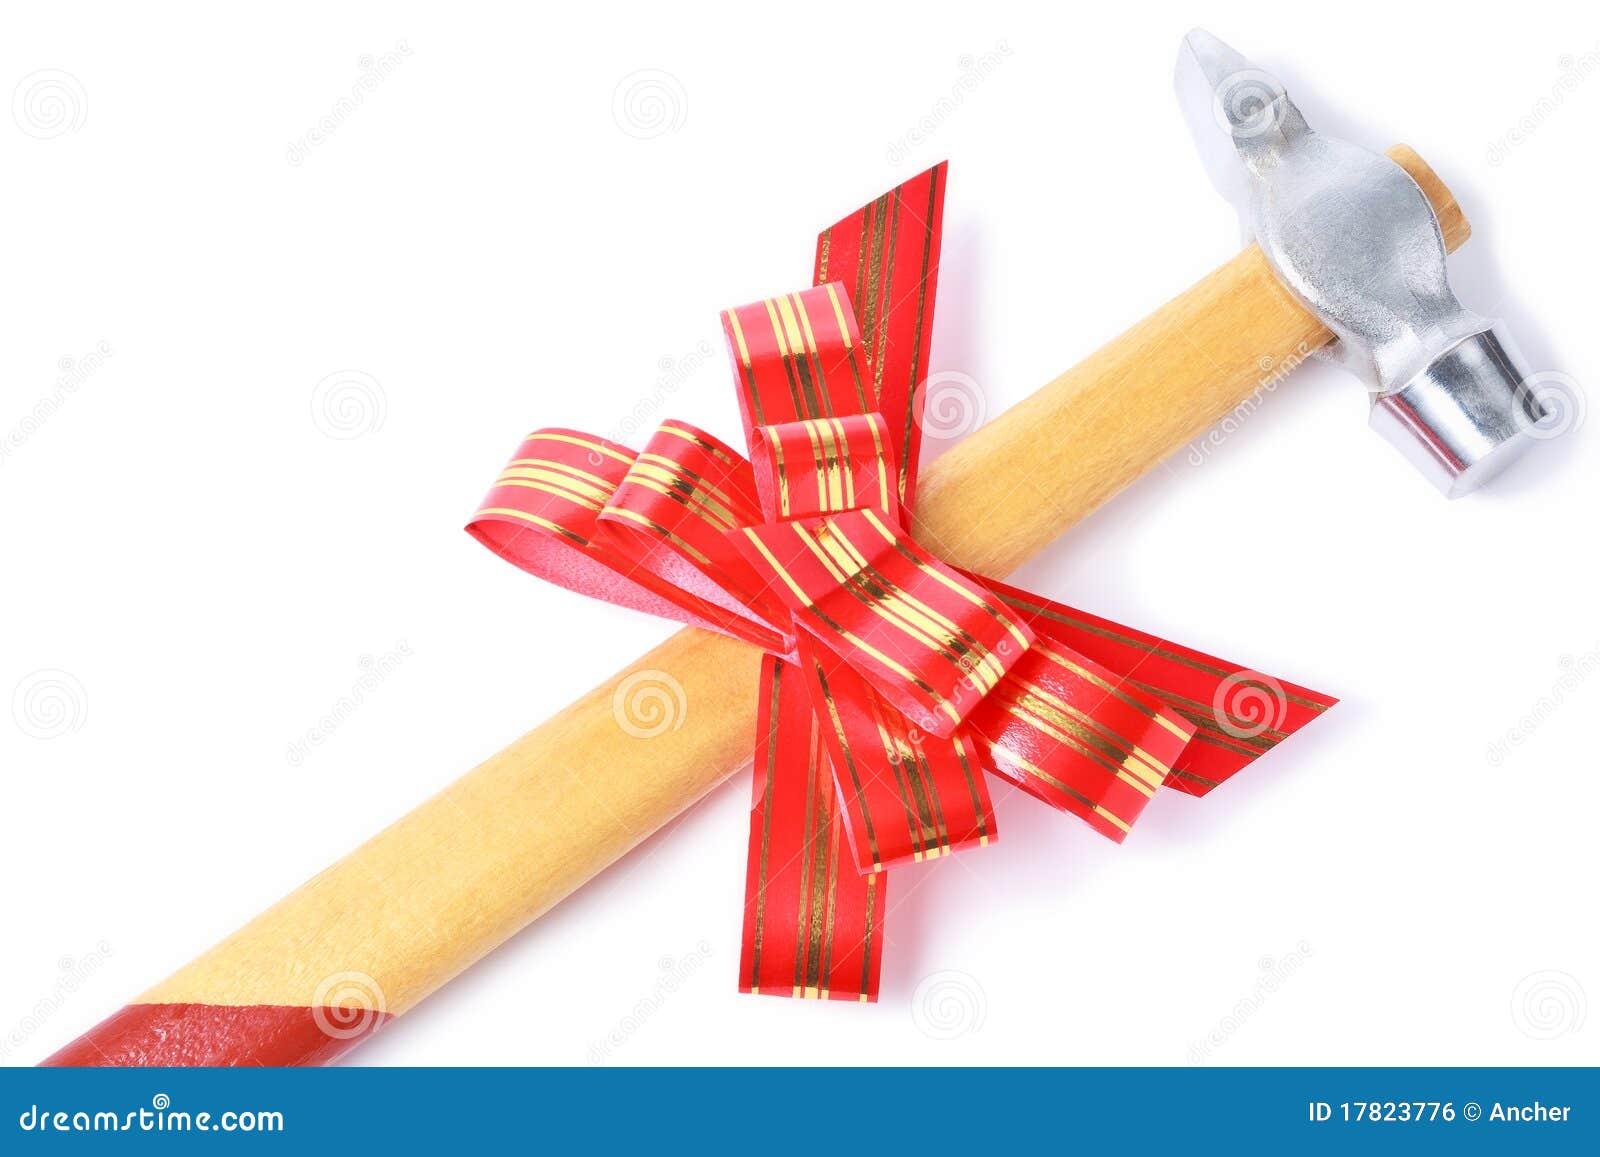 marteau avec la proue rouge comme cadeau pour le bricoleur image libre de droits image 17823776. Black Bedroom Furniture Sets. Home Design Ideas